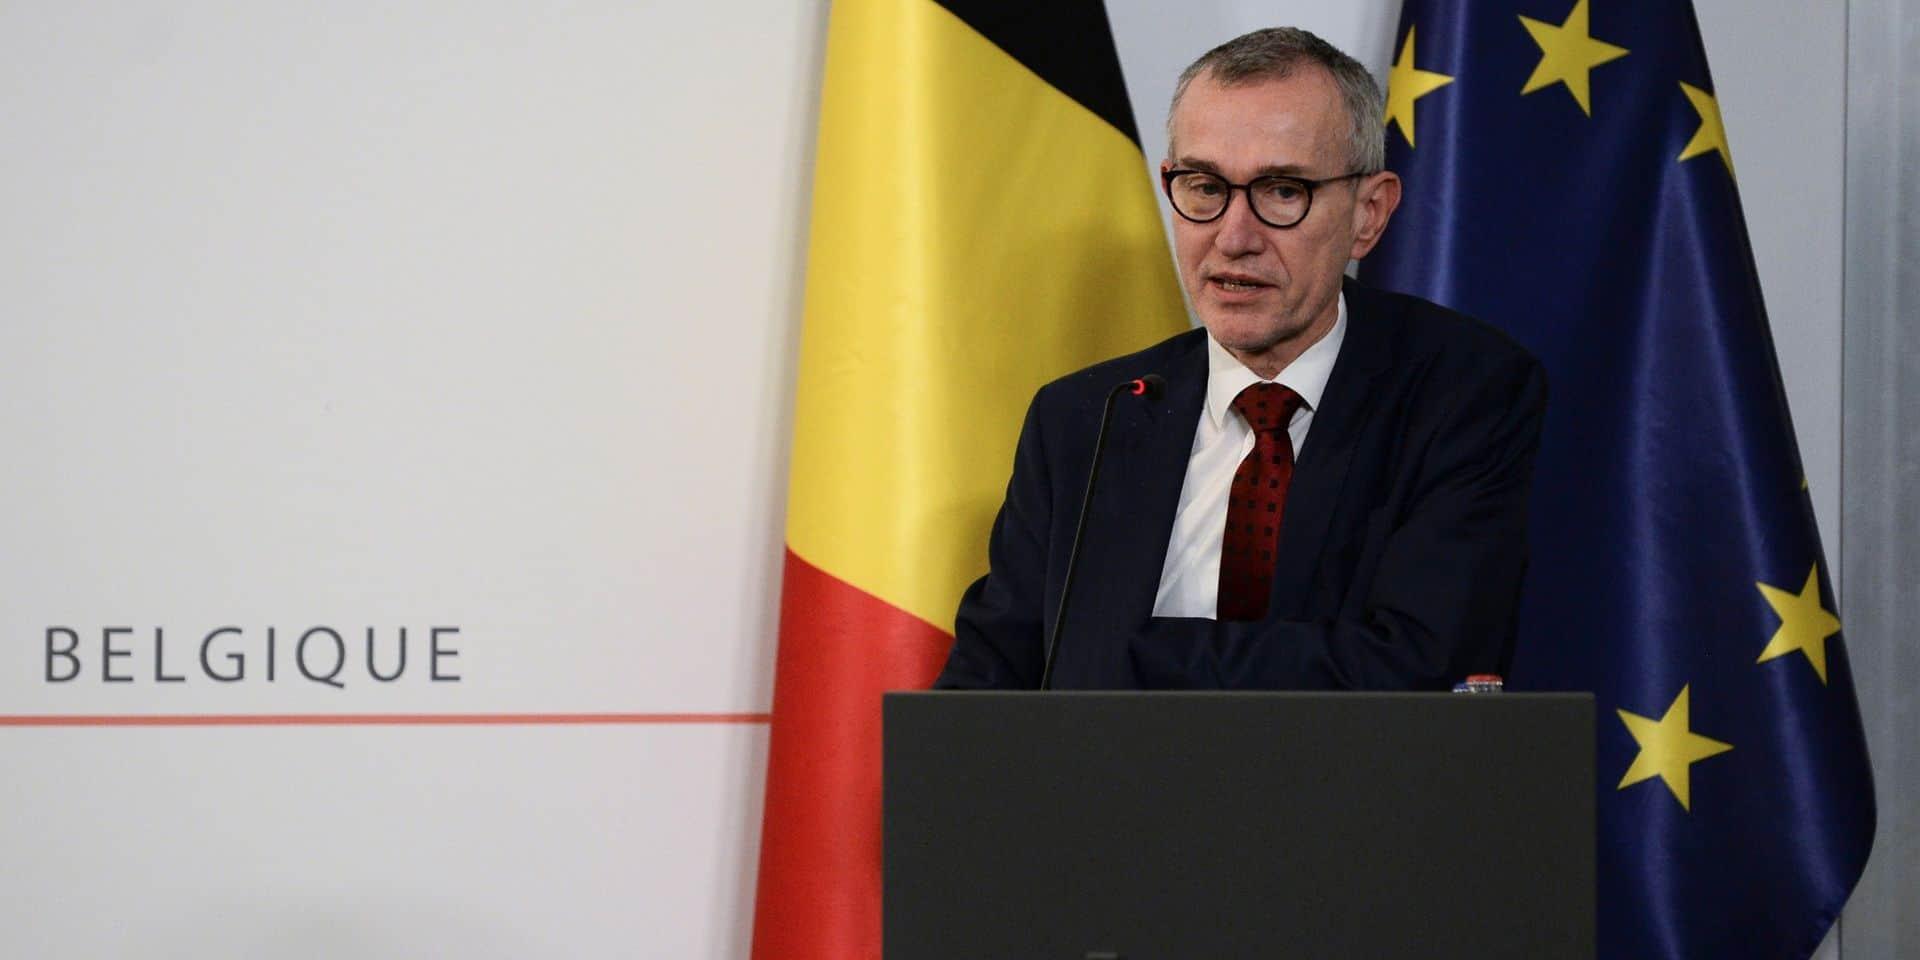 """""""Un dilemme diabolique"""", """"le choix le plus courageux"""", """"ce danger est plus grand"""": la presse belge salue la prise de position de Frank Vandenbroucke"""